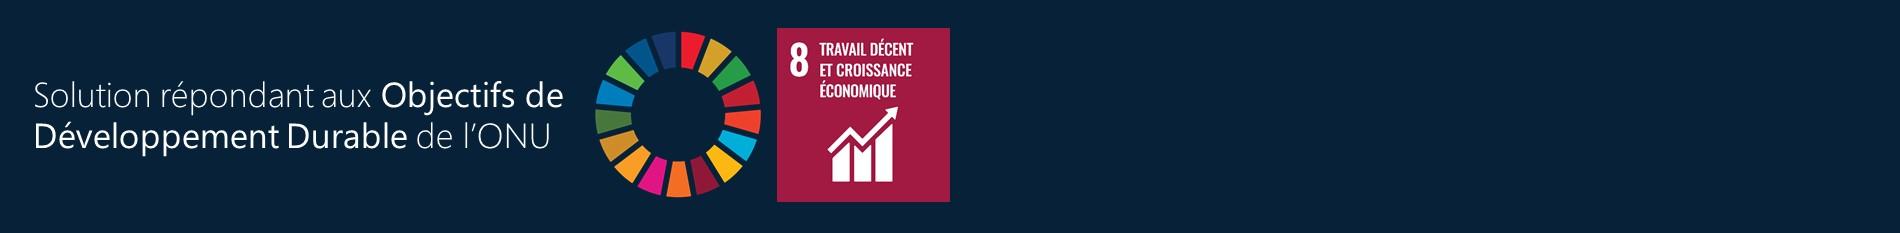 Objectifs Developpement Durable ONU logements saisonniers